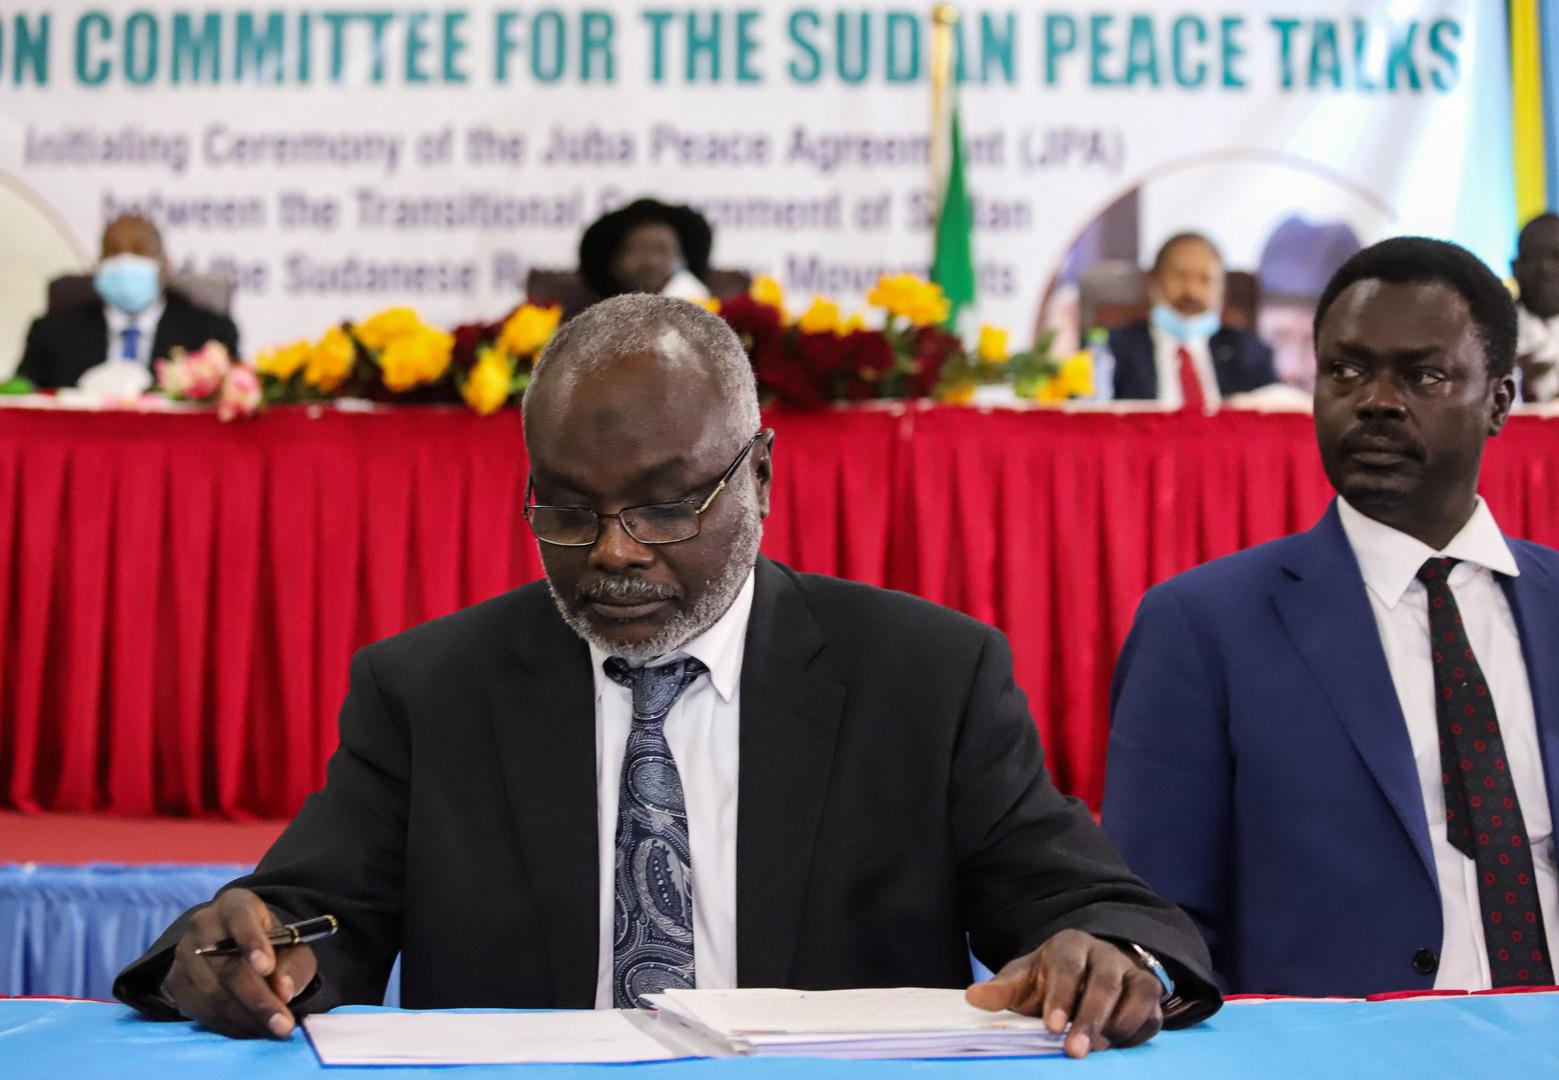 الحكومة السودانية توقع في جوبا اتفاق السلام النهائي مع